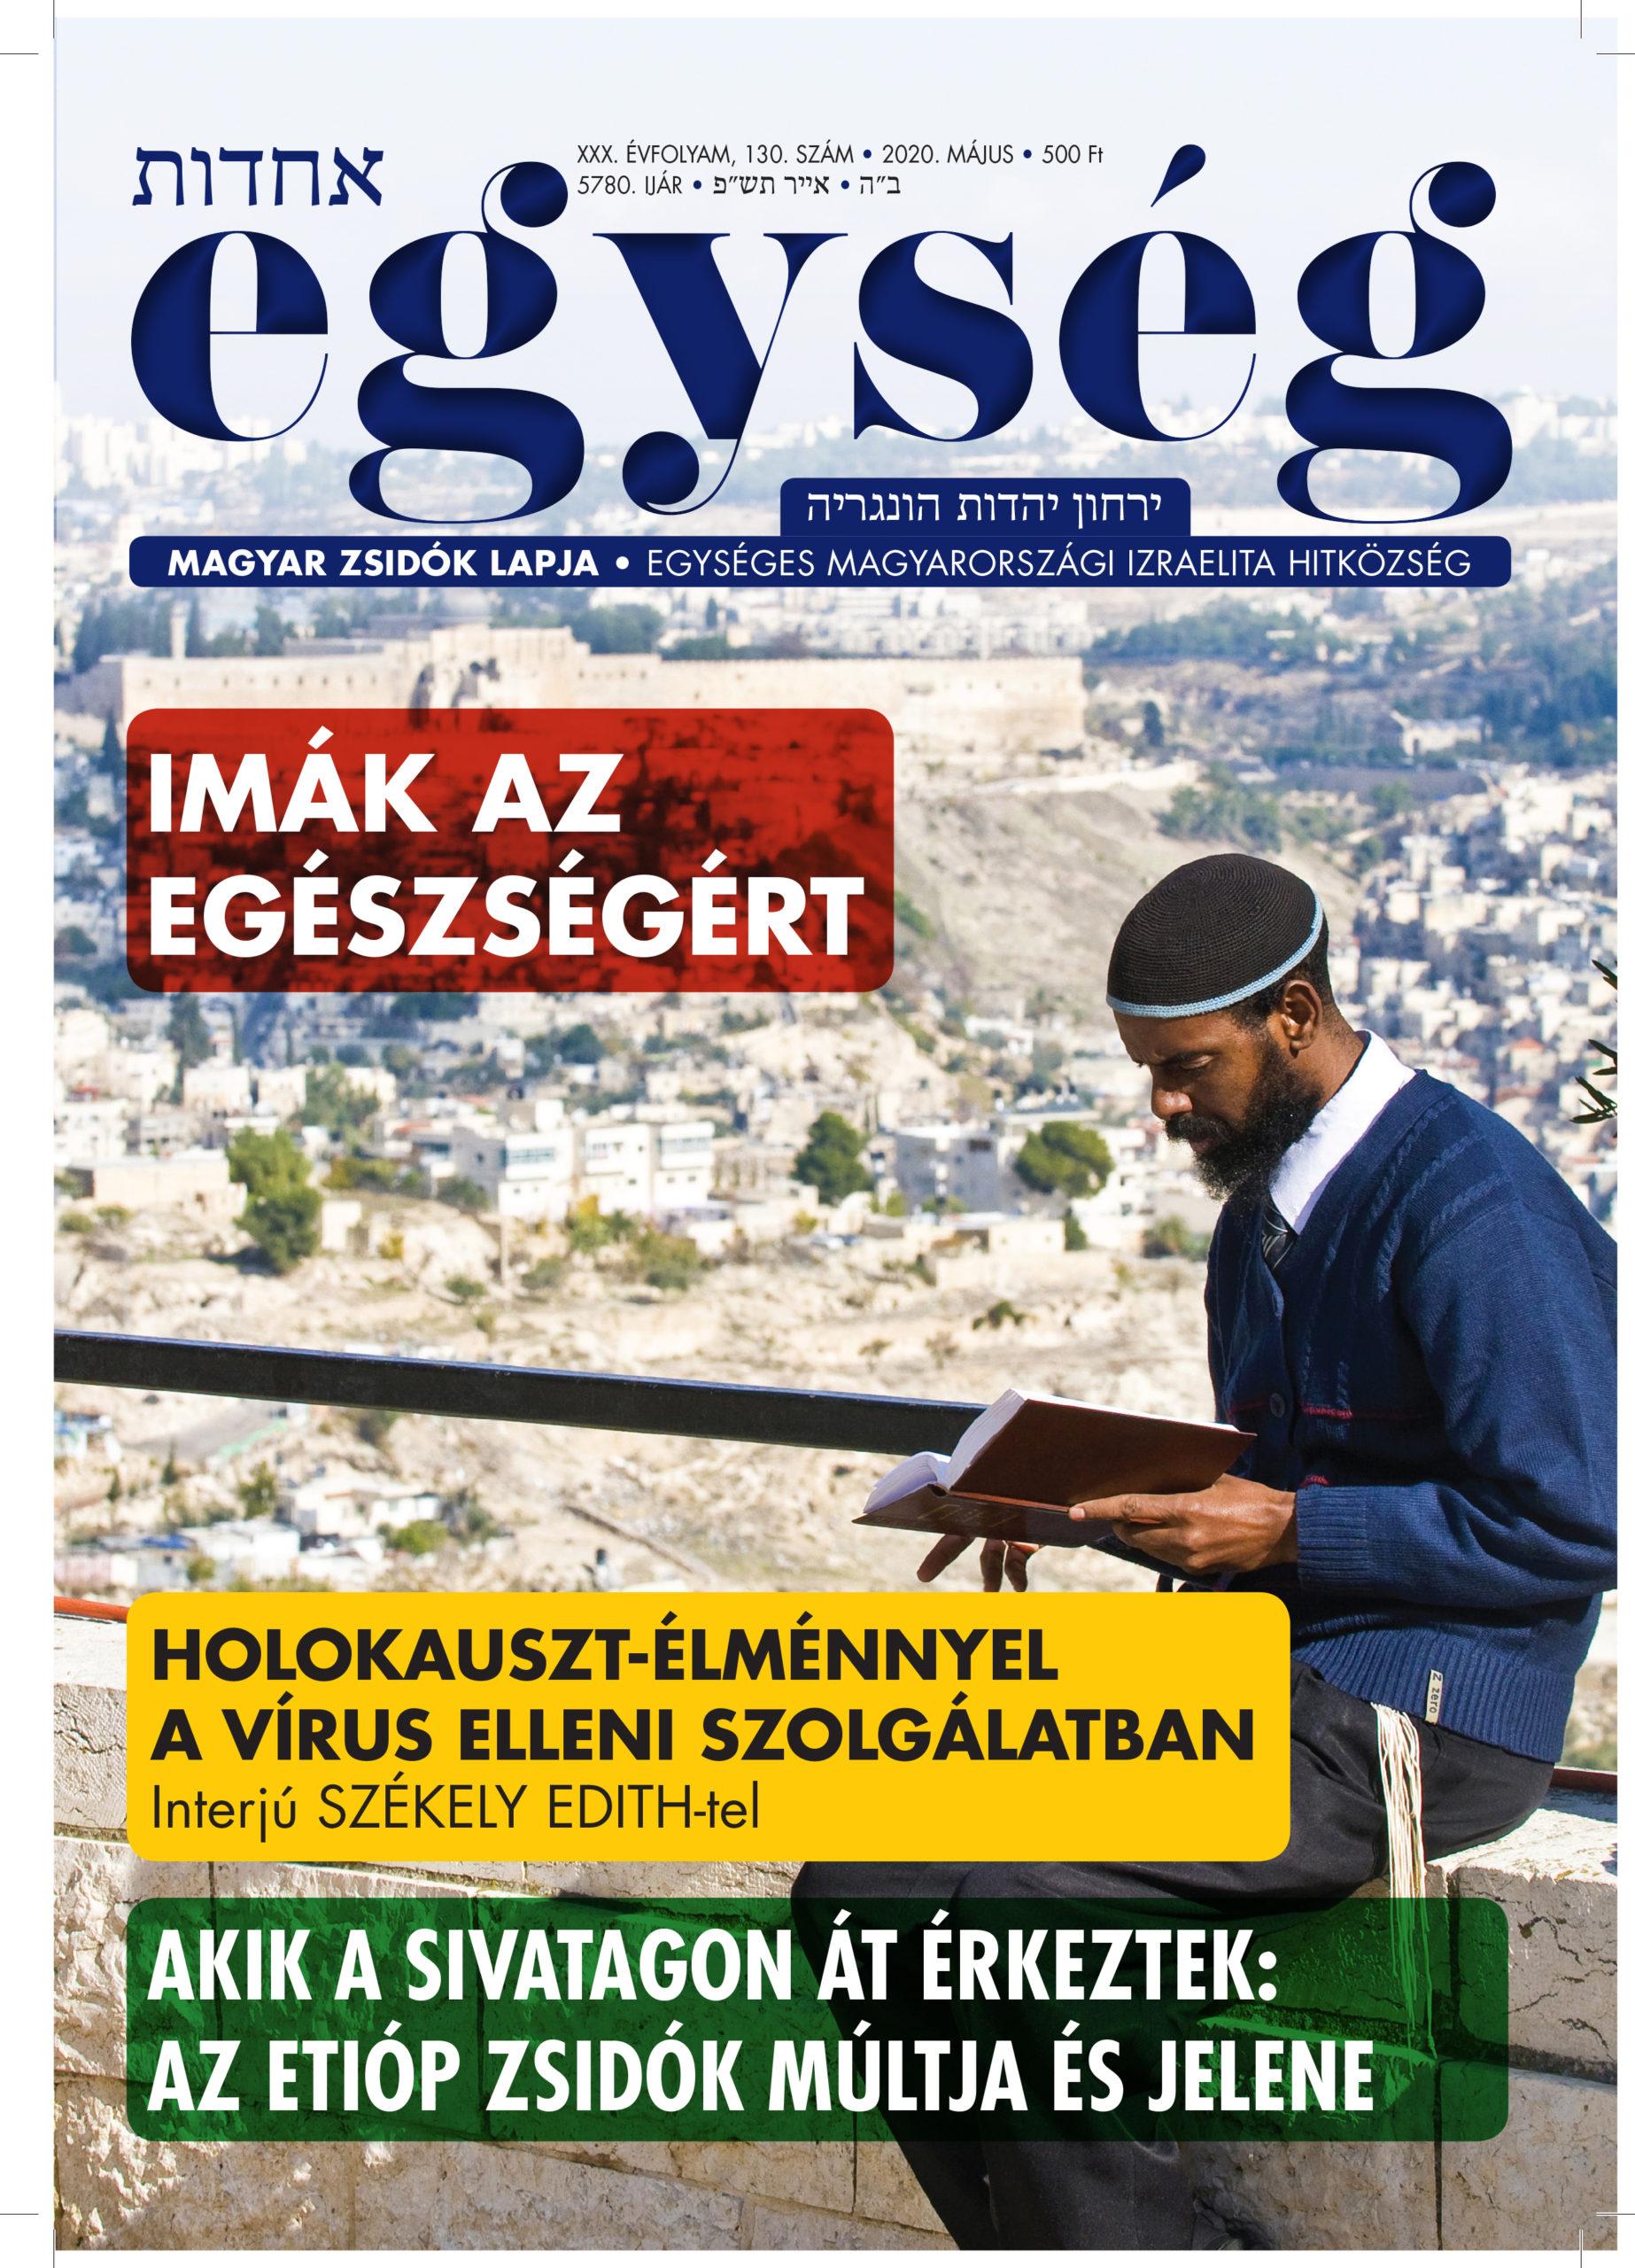 Megjelent az Egység magazin 130. száma